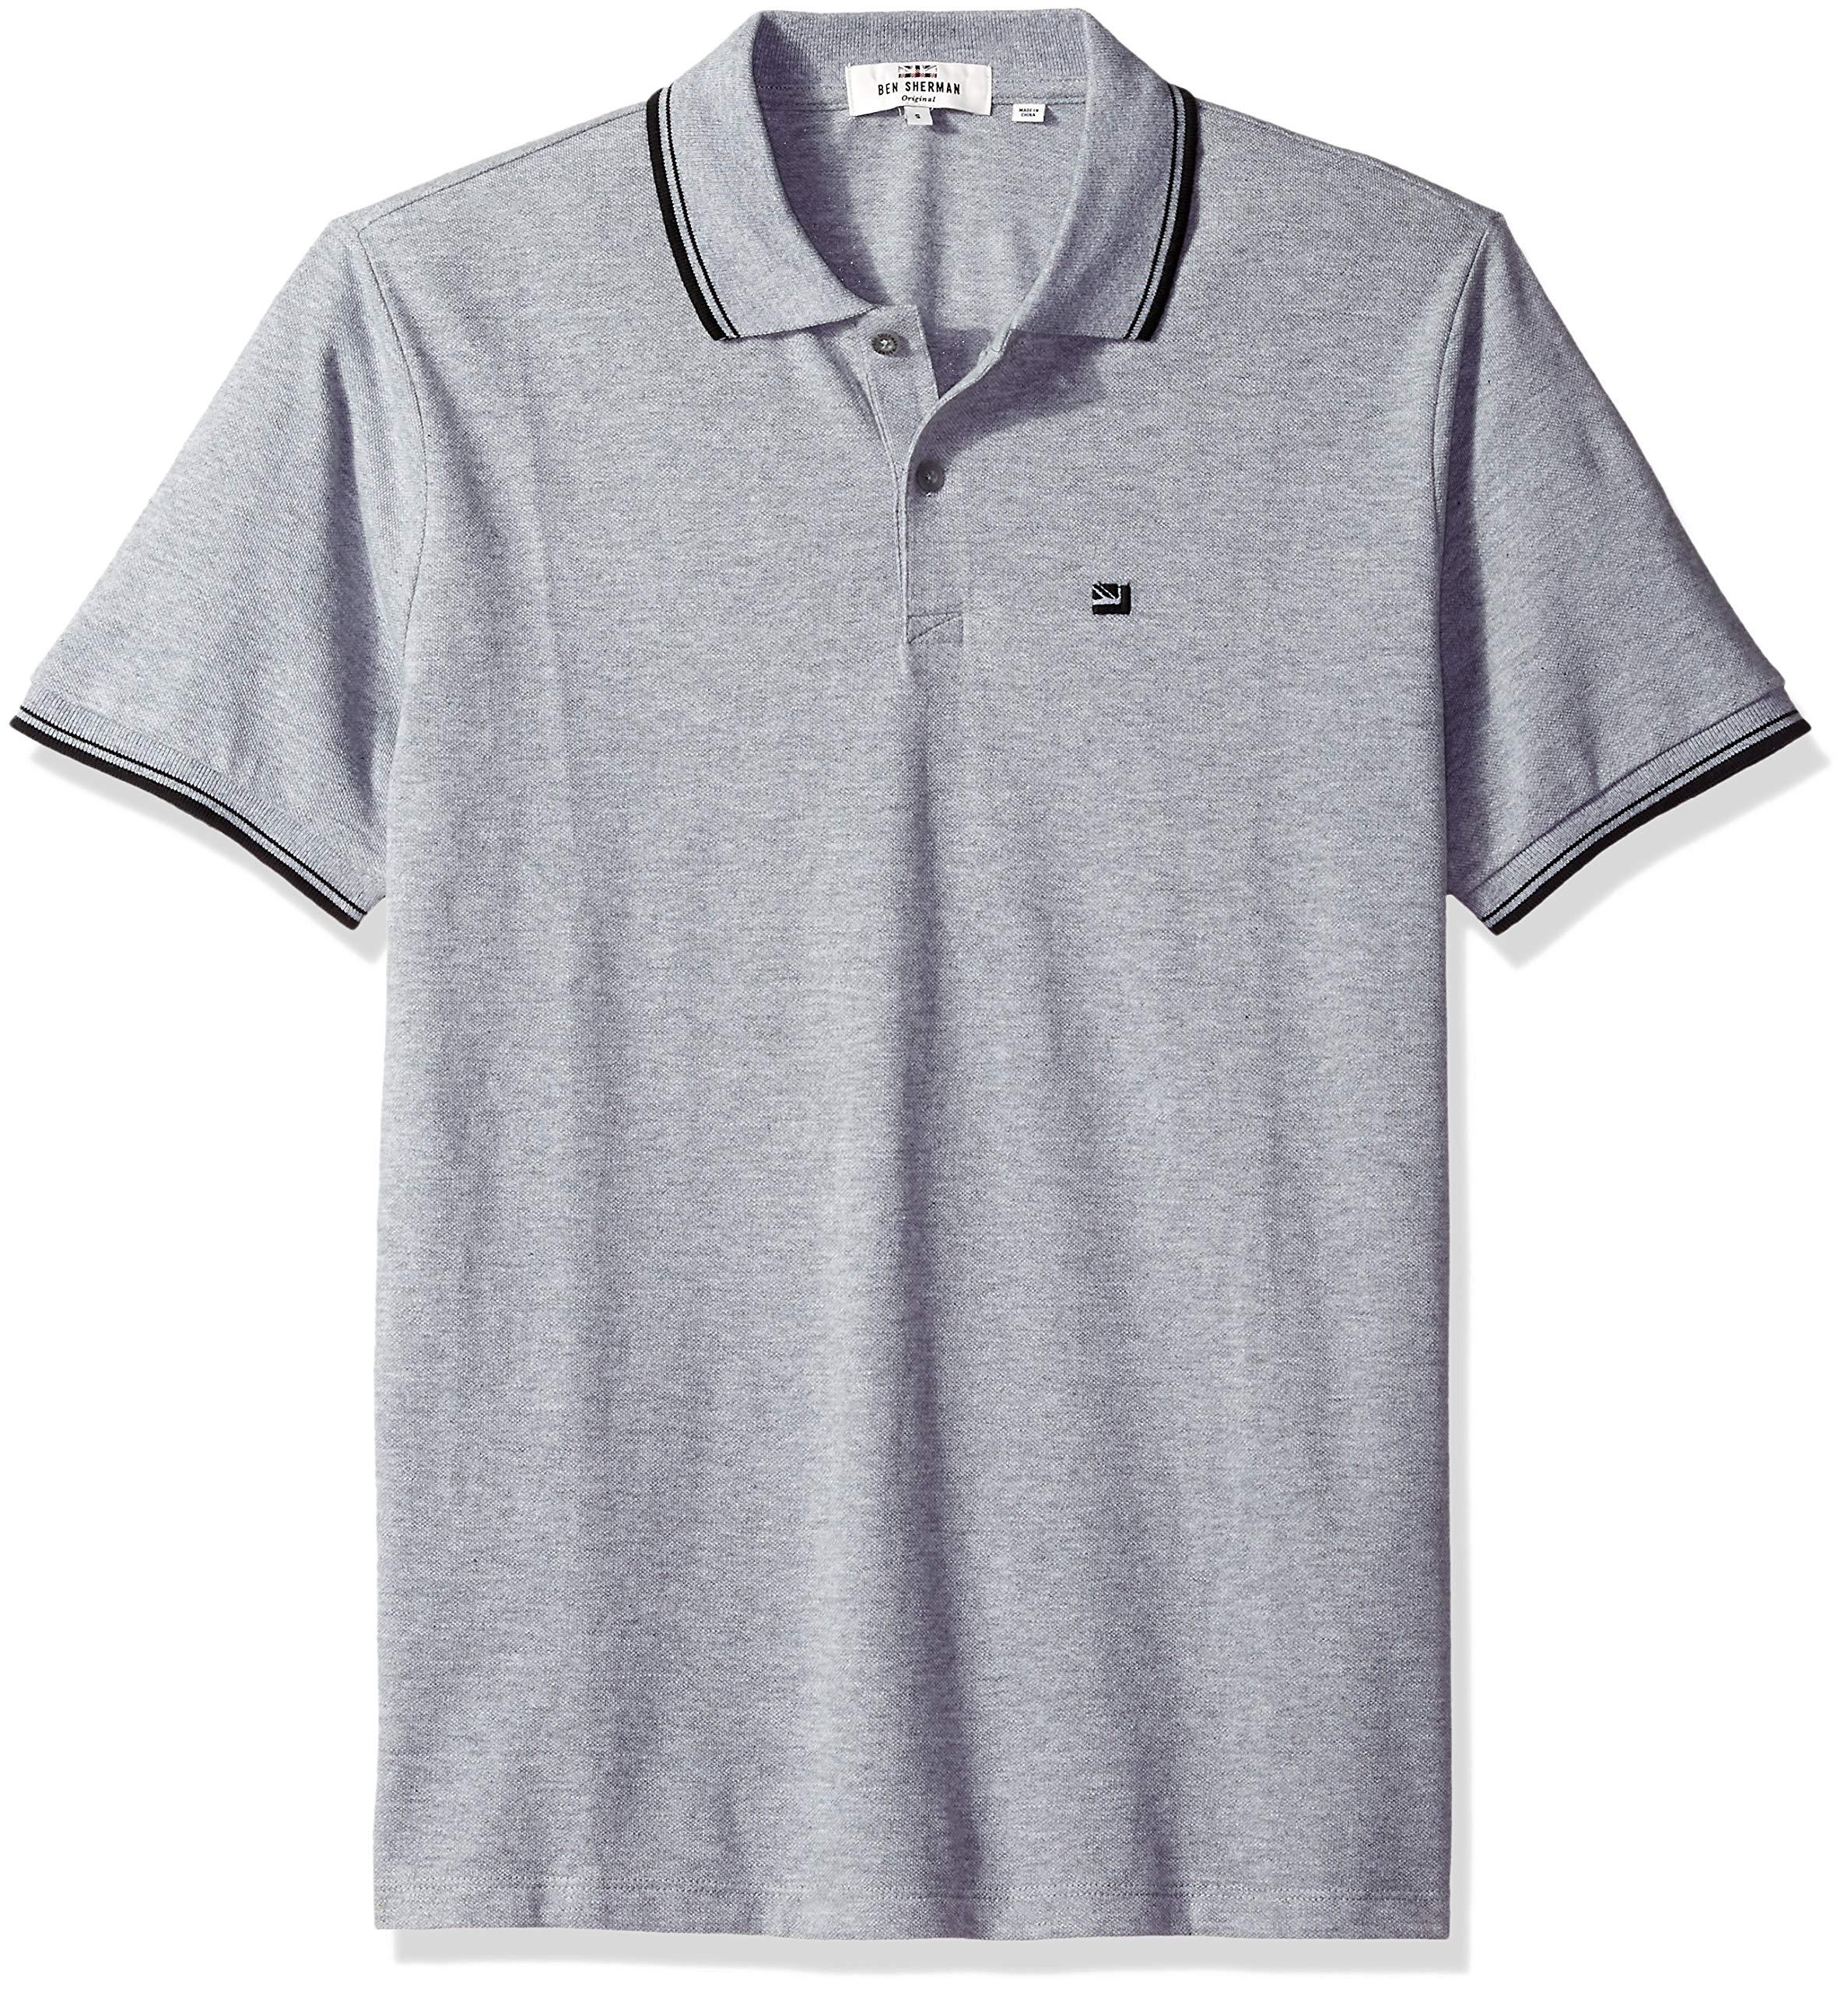 Ben Sherman Men's Romford Polo Shirt, Grey, XL